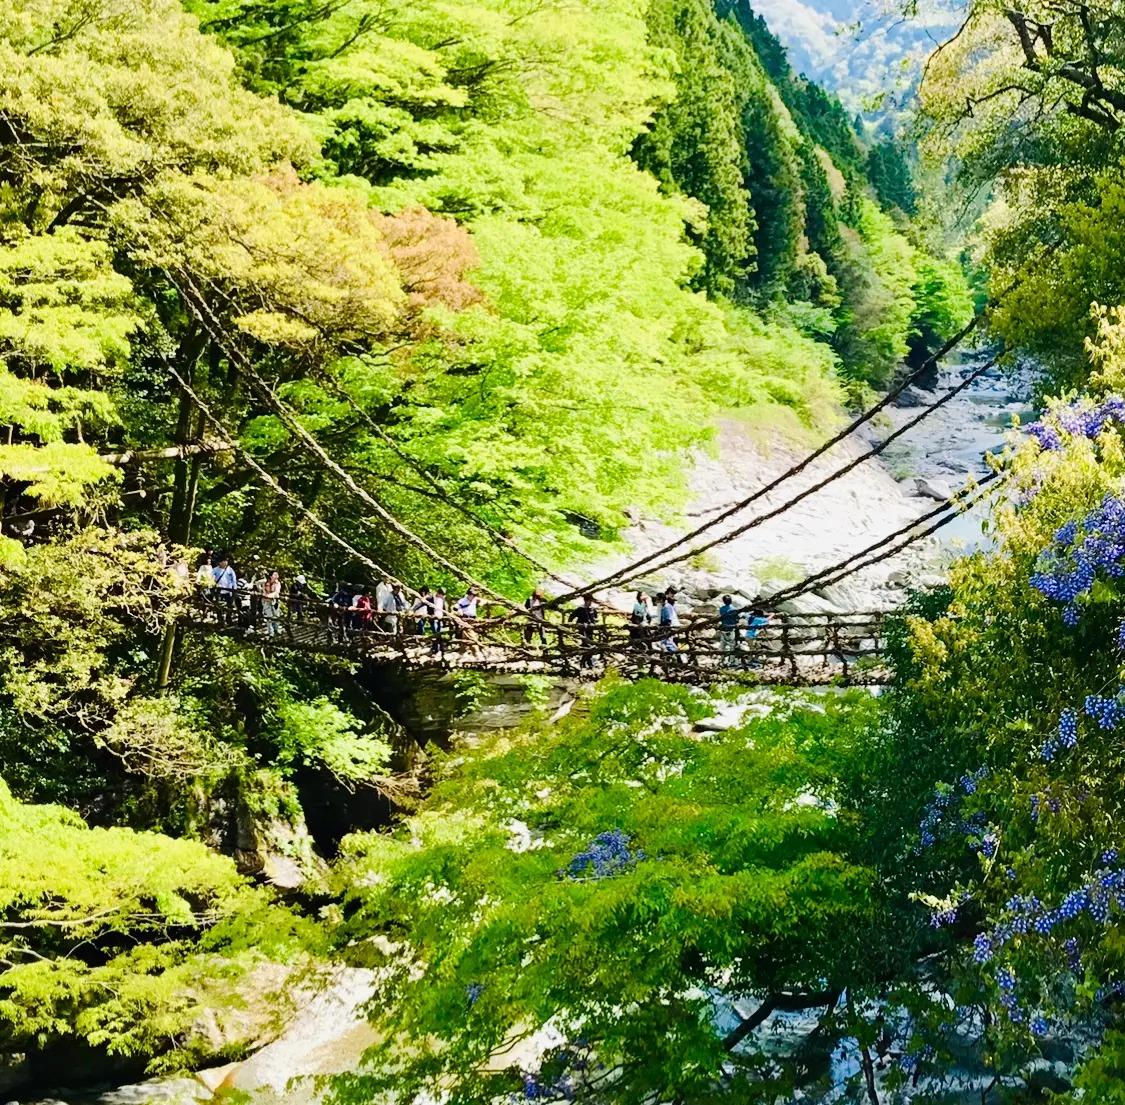 徳島県・三好の絶景スポット「祖谷のかずら橋」